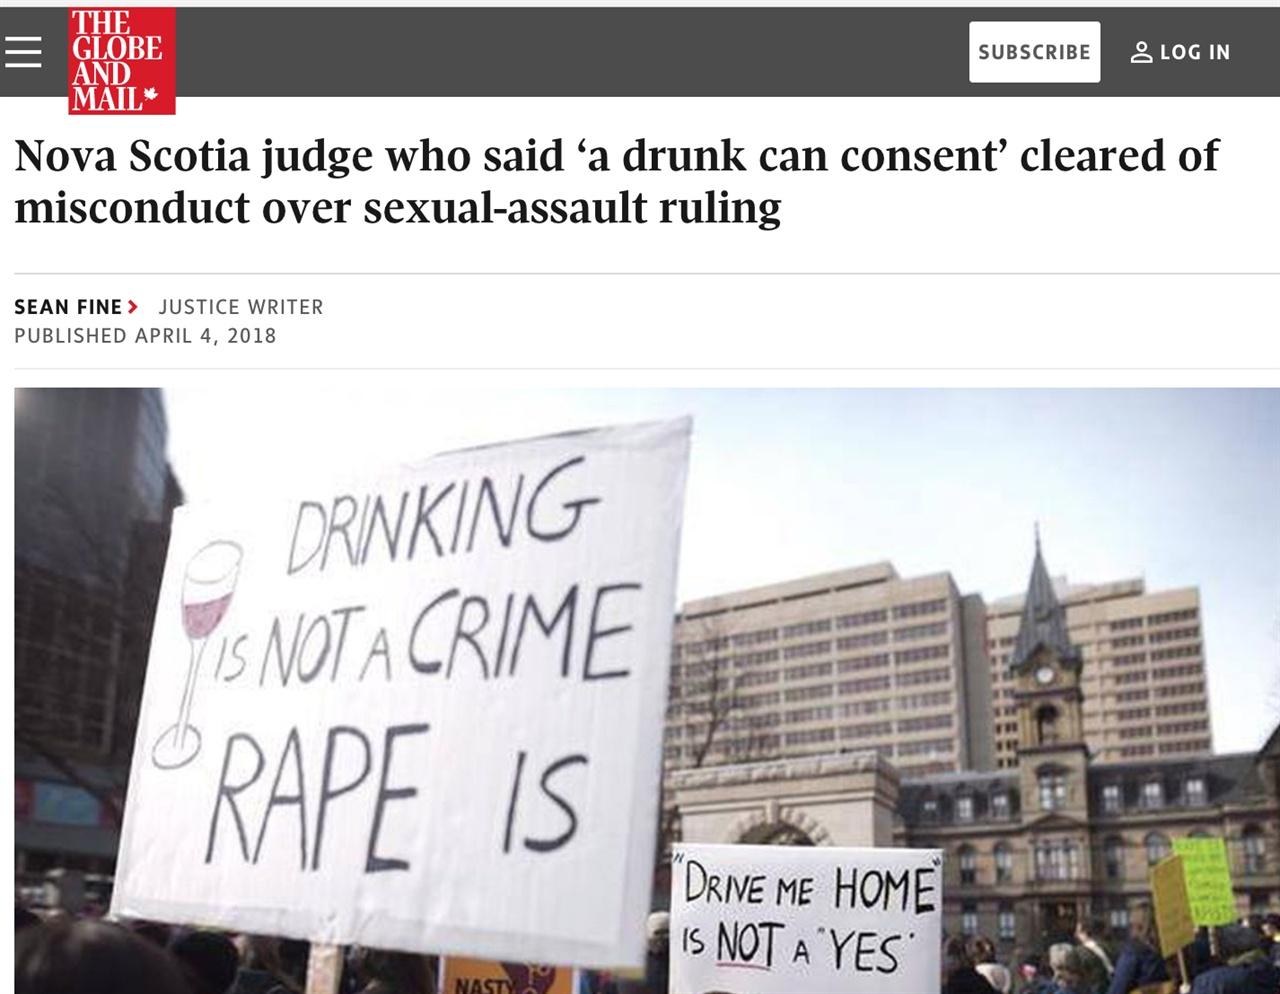 """캐나다 노바스코샤의 법원 앞에서 판사에 항의하는 집회가 열리고 있다. 팻말에 """"(여성이) 술 마시는 게 죄가 아니라, 강간하는 것이 범죄다""""라는 팻말과 """"집에 데려다 달라는 것이 성관계 합의를 의미하지 않는다""""라는 글귀가 보인다."""